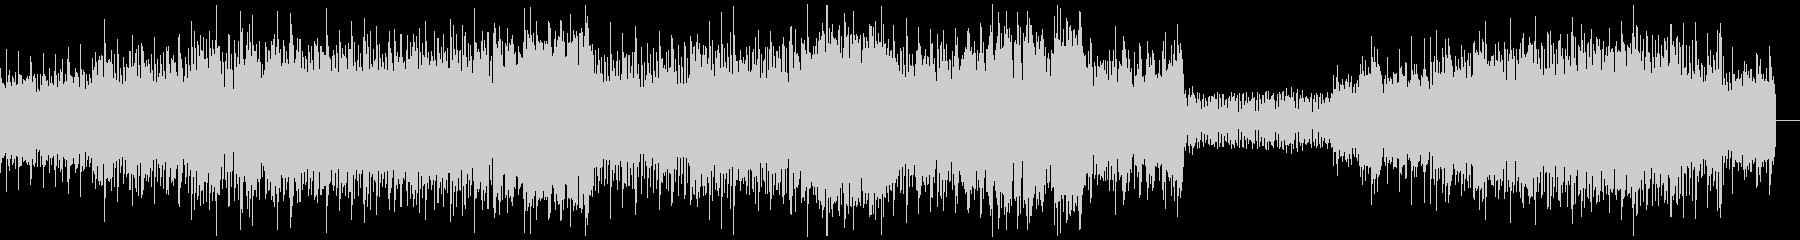 攻撃的なシンセ四つ打ちサウンドの未再生の波形